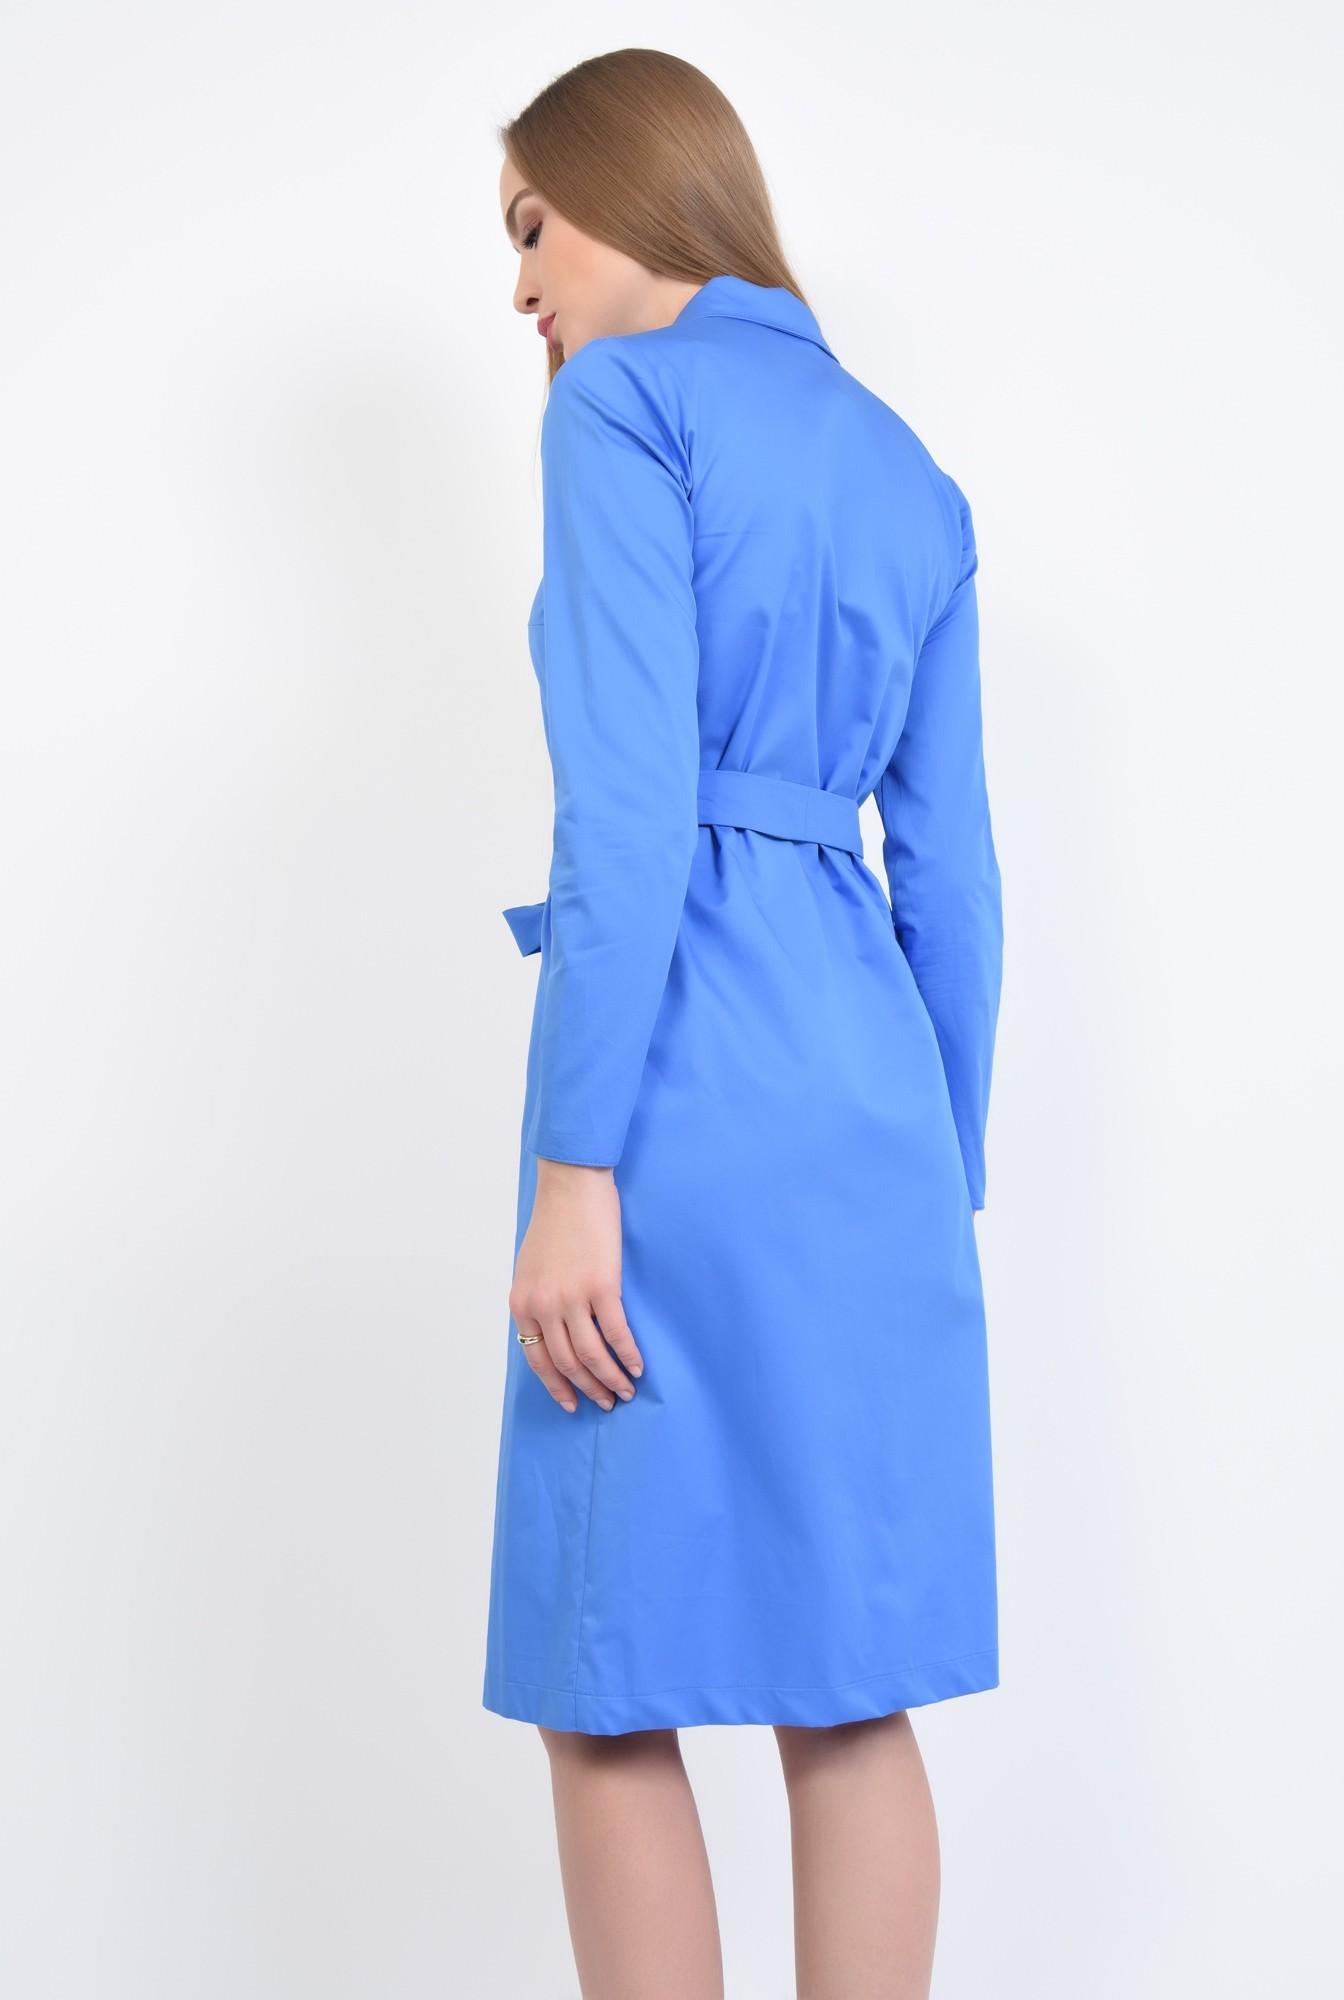 1 - Rochie casual, albastra